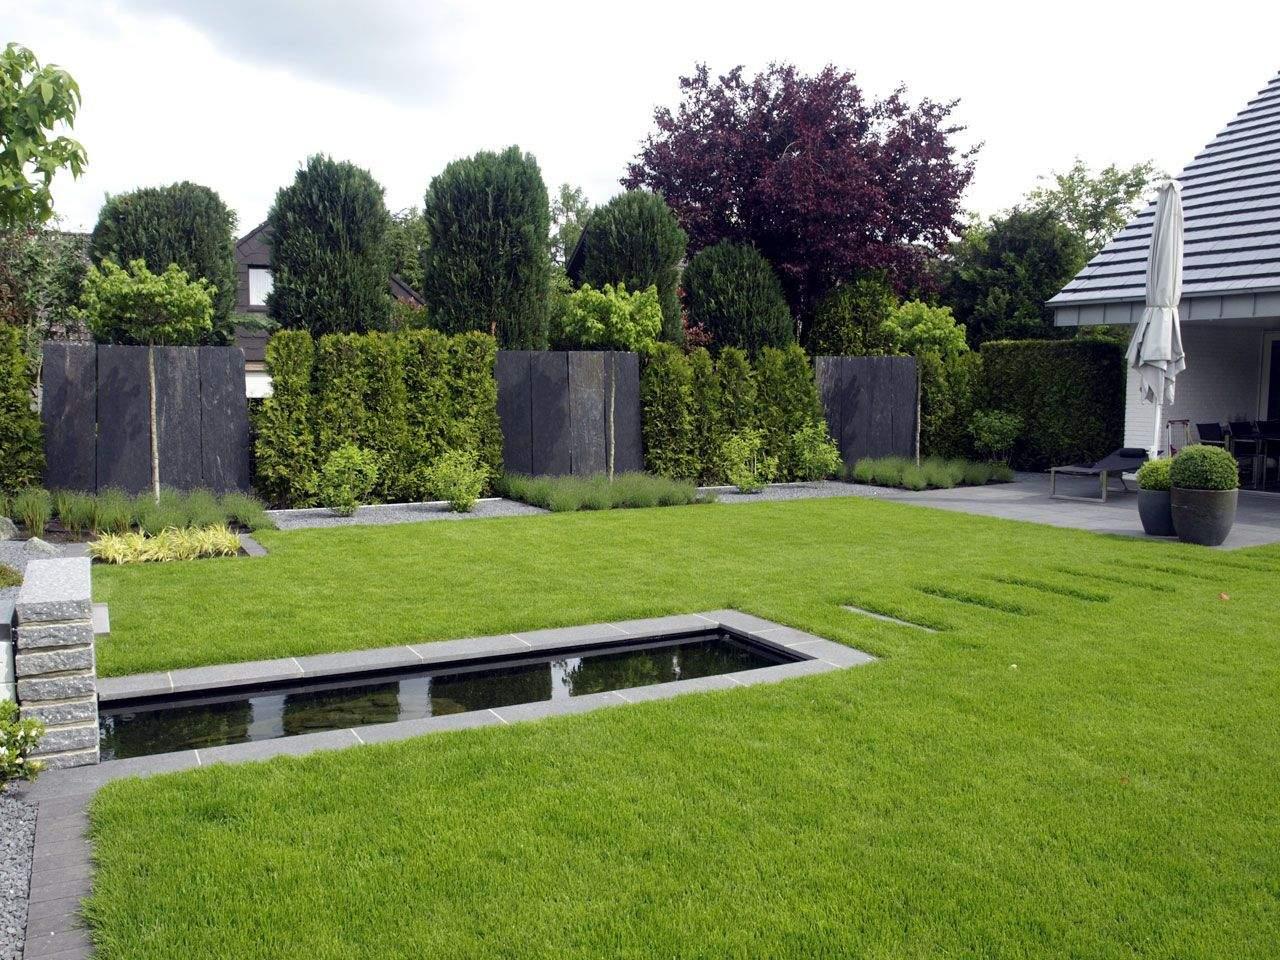 Wasser Garten Genial Gärten Geradlinig Gestaltet